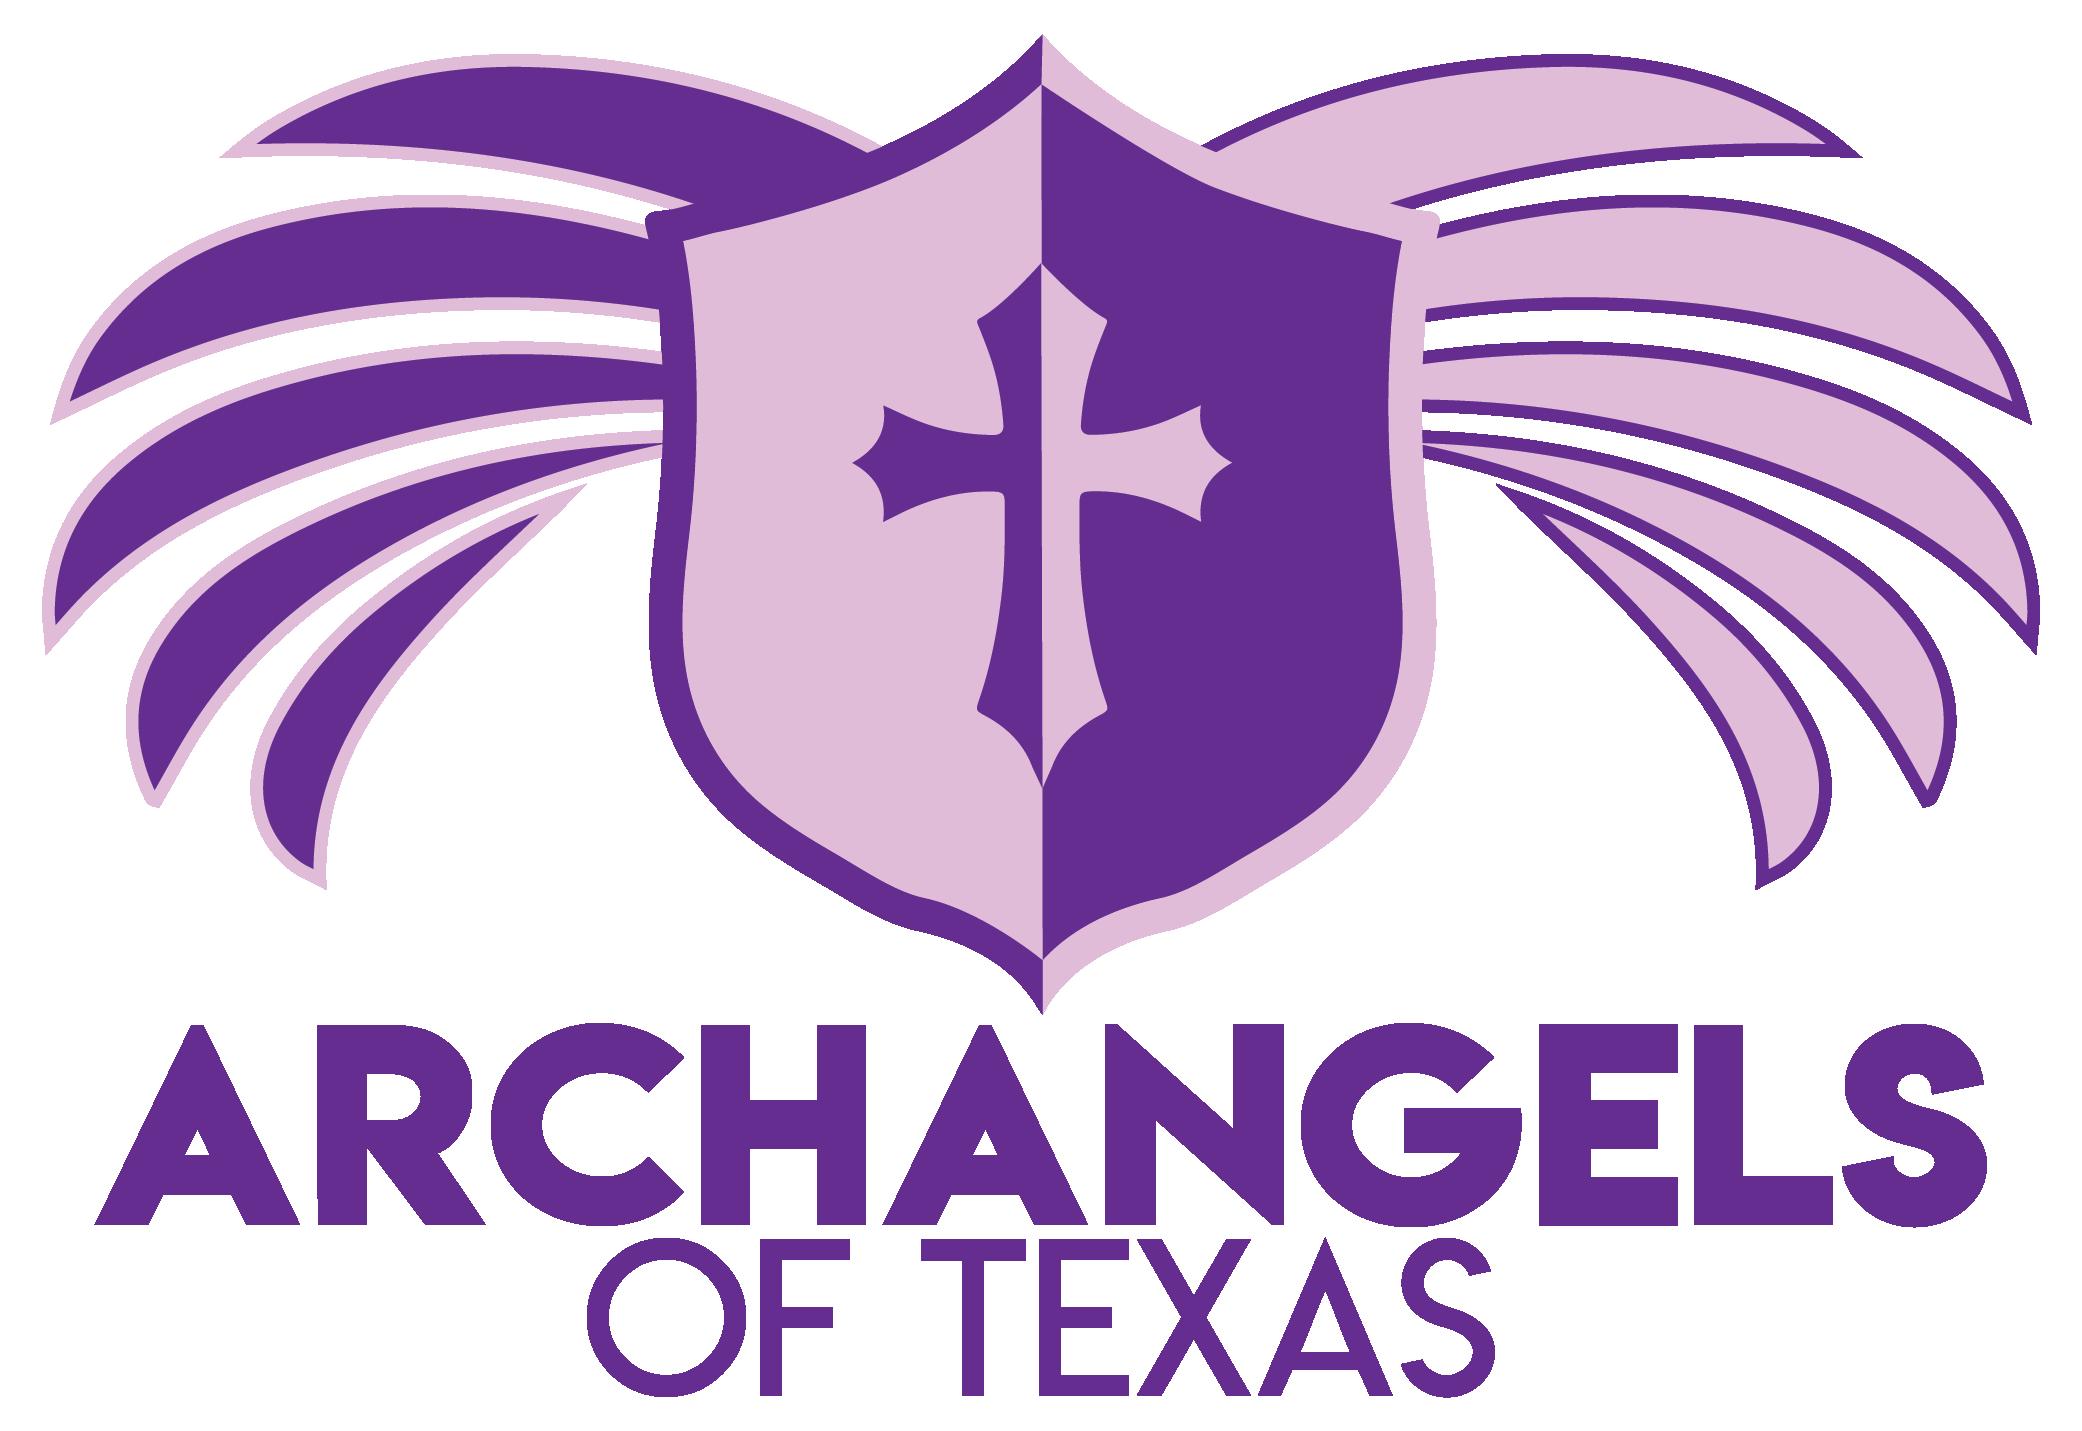 Archangels of Texas 164 x 146